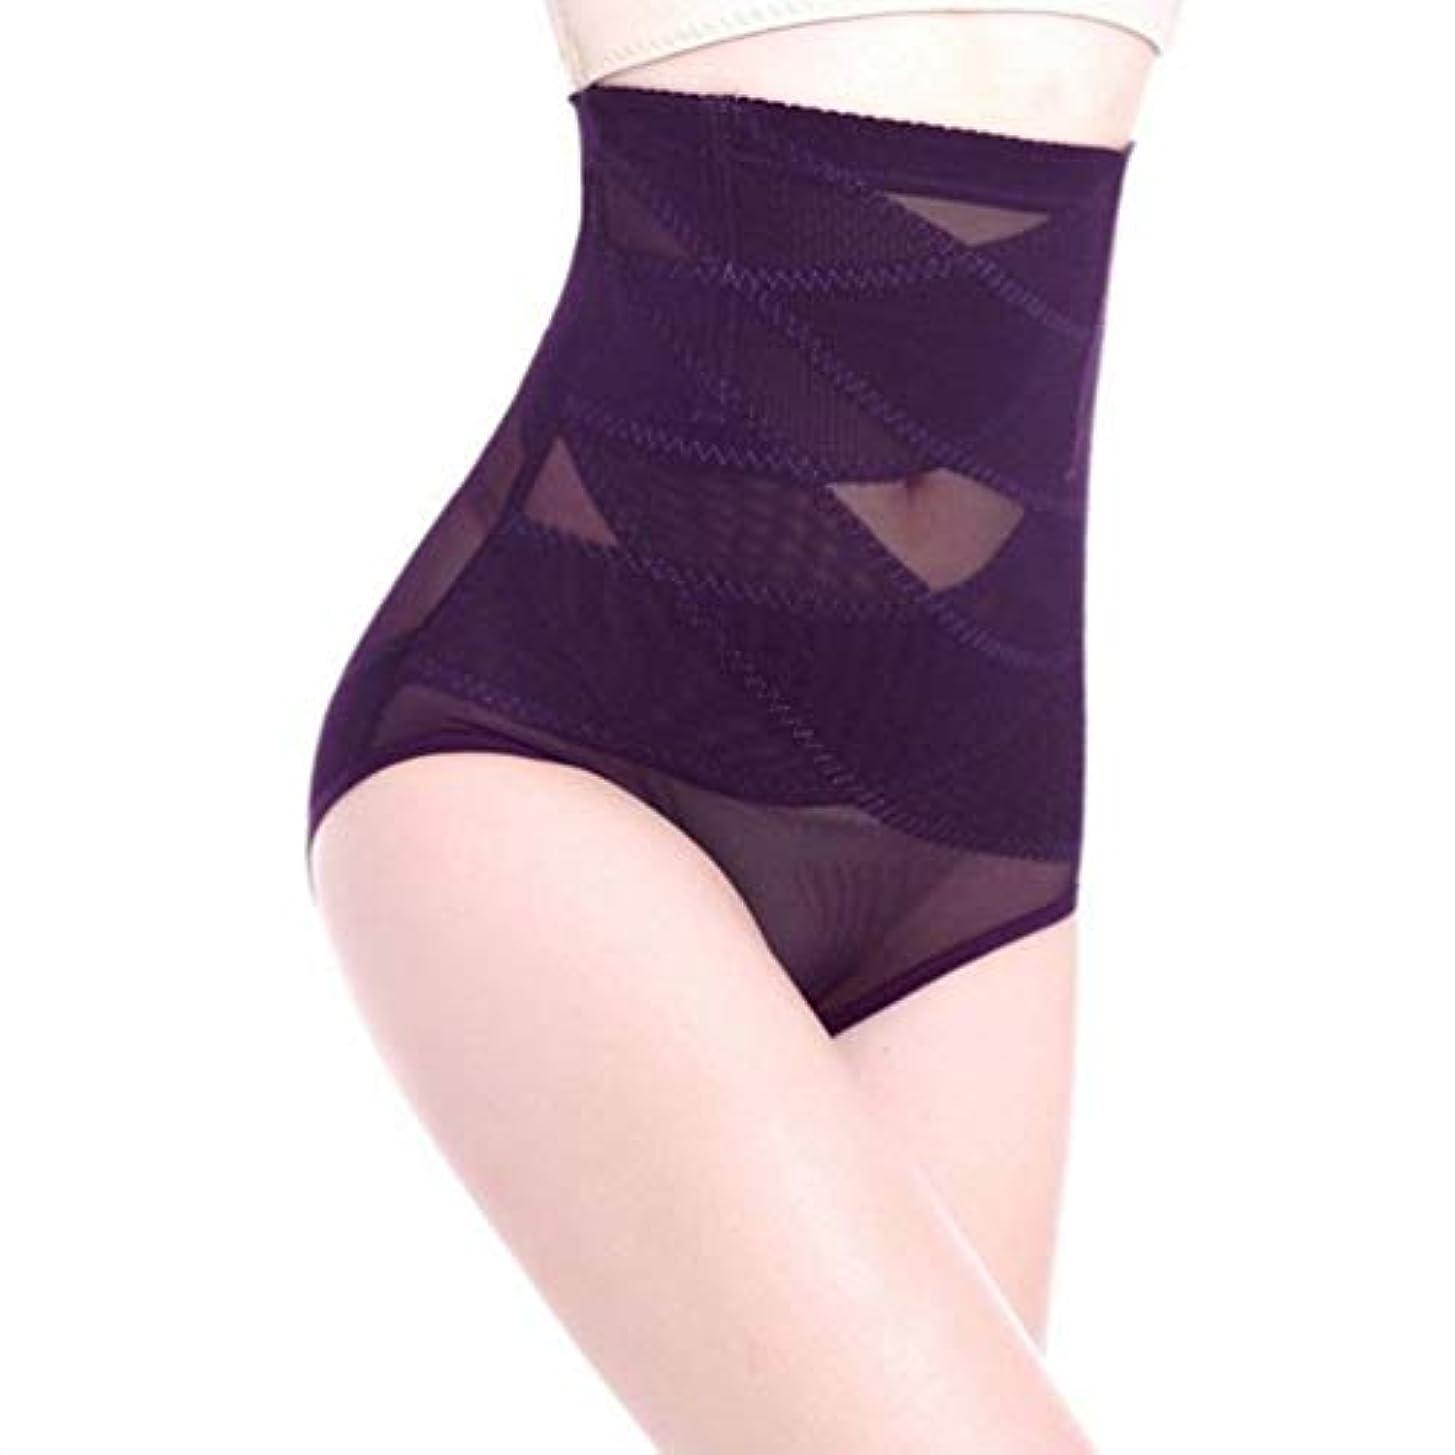 神発明むちゃくちゃ通気性のあるハイウエスト女性痩身腹部コントロール下着シームレスおなかコントロールパンティーバットリフターボディシェイパー - パープル3 XL